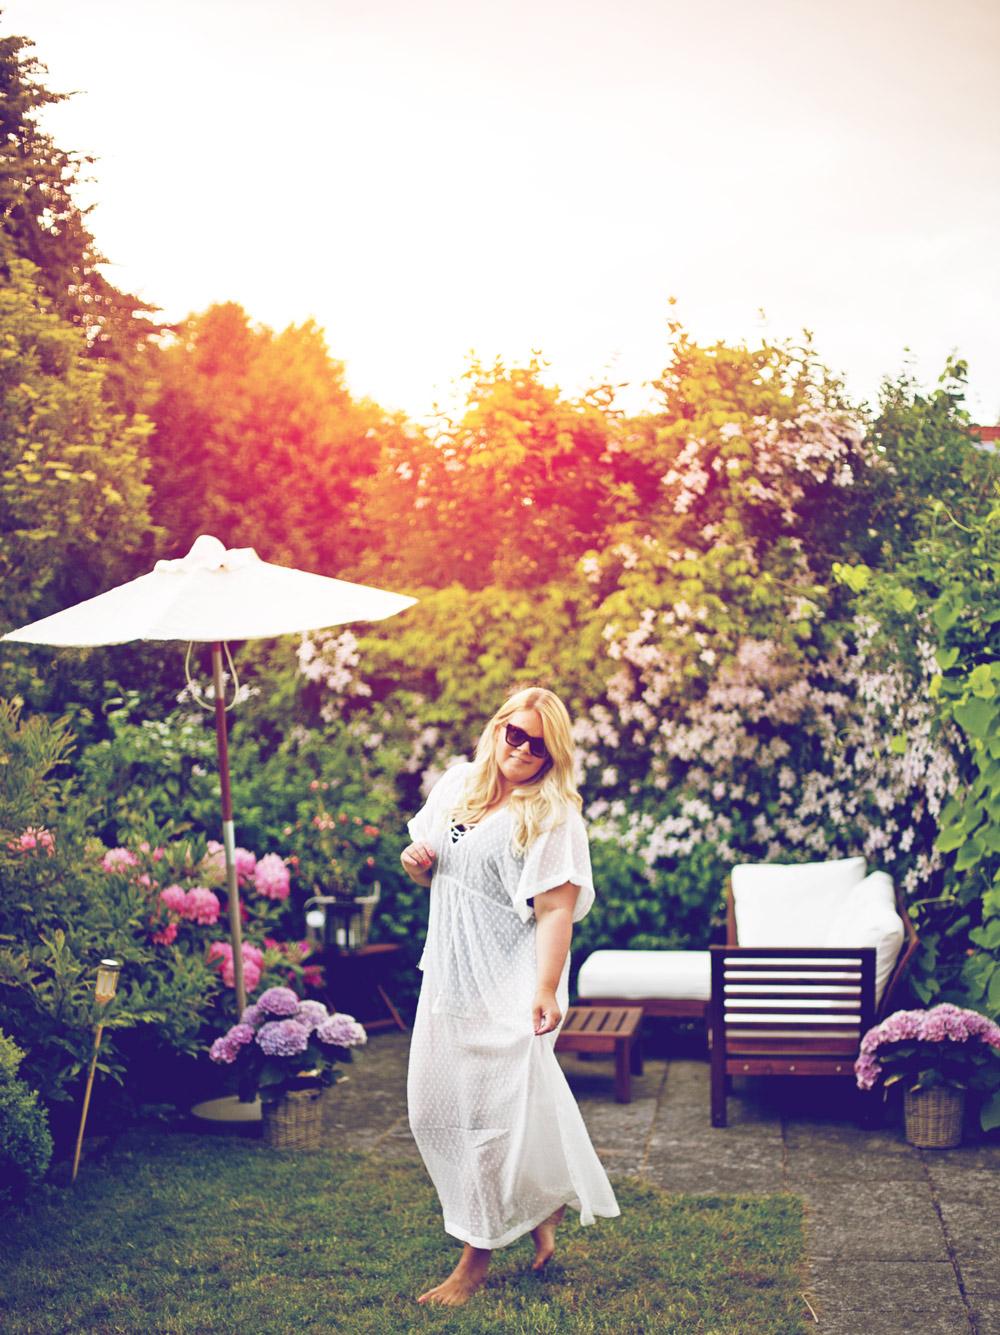 acie-ellos-badedragt-pool-dress-hvid-5-of-6